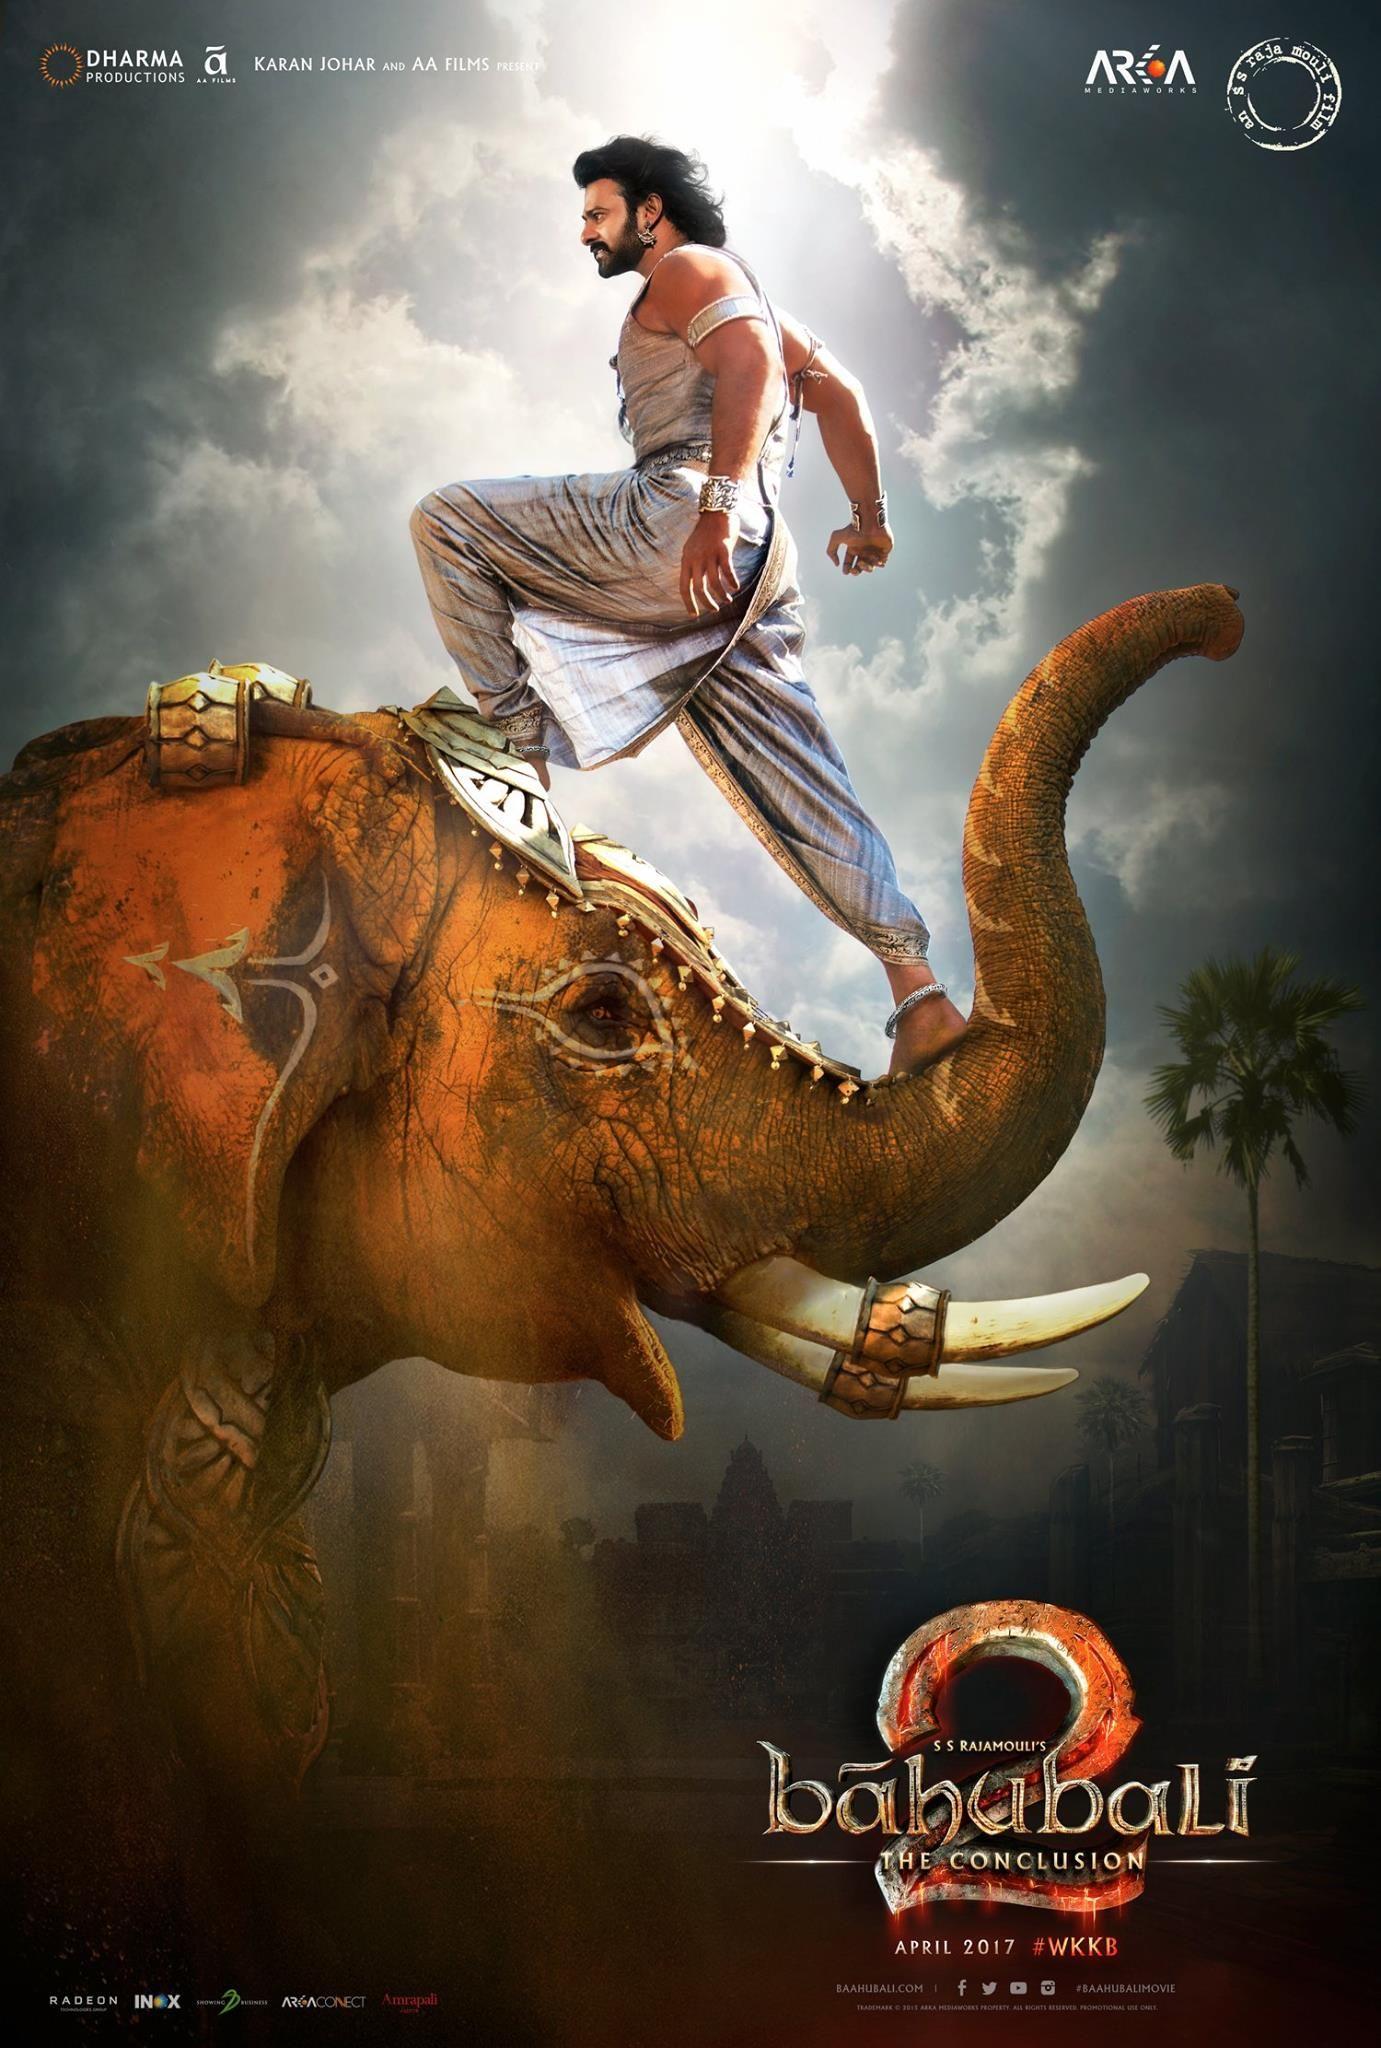 Baahubali 2 film hindi mai full movie